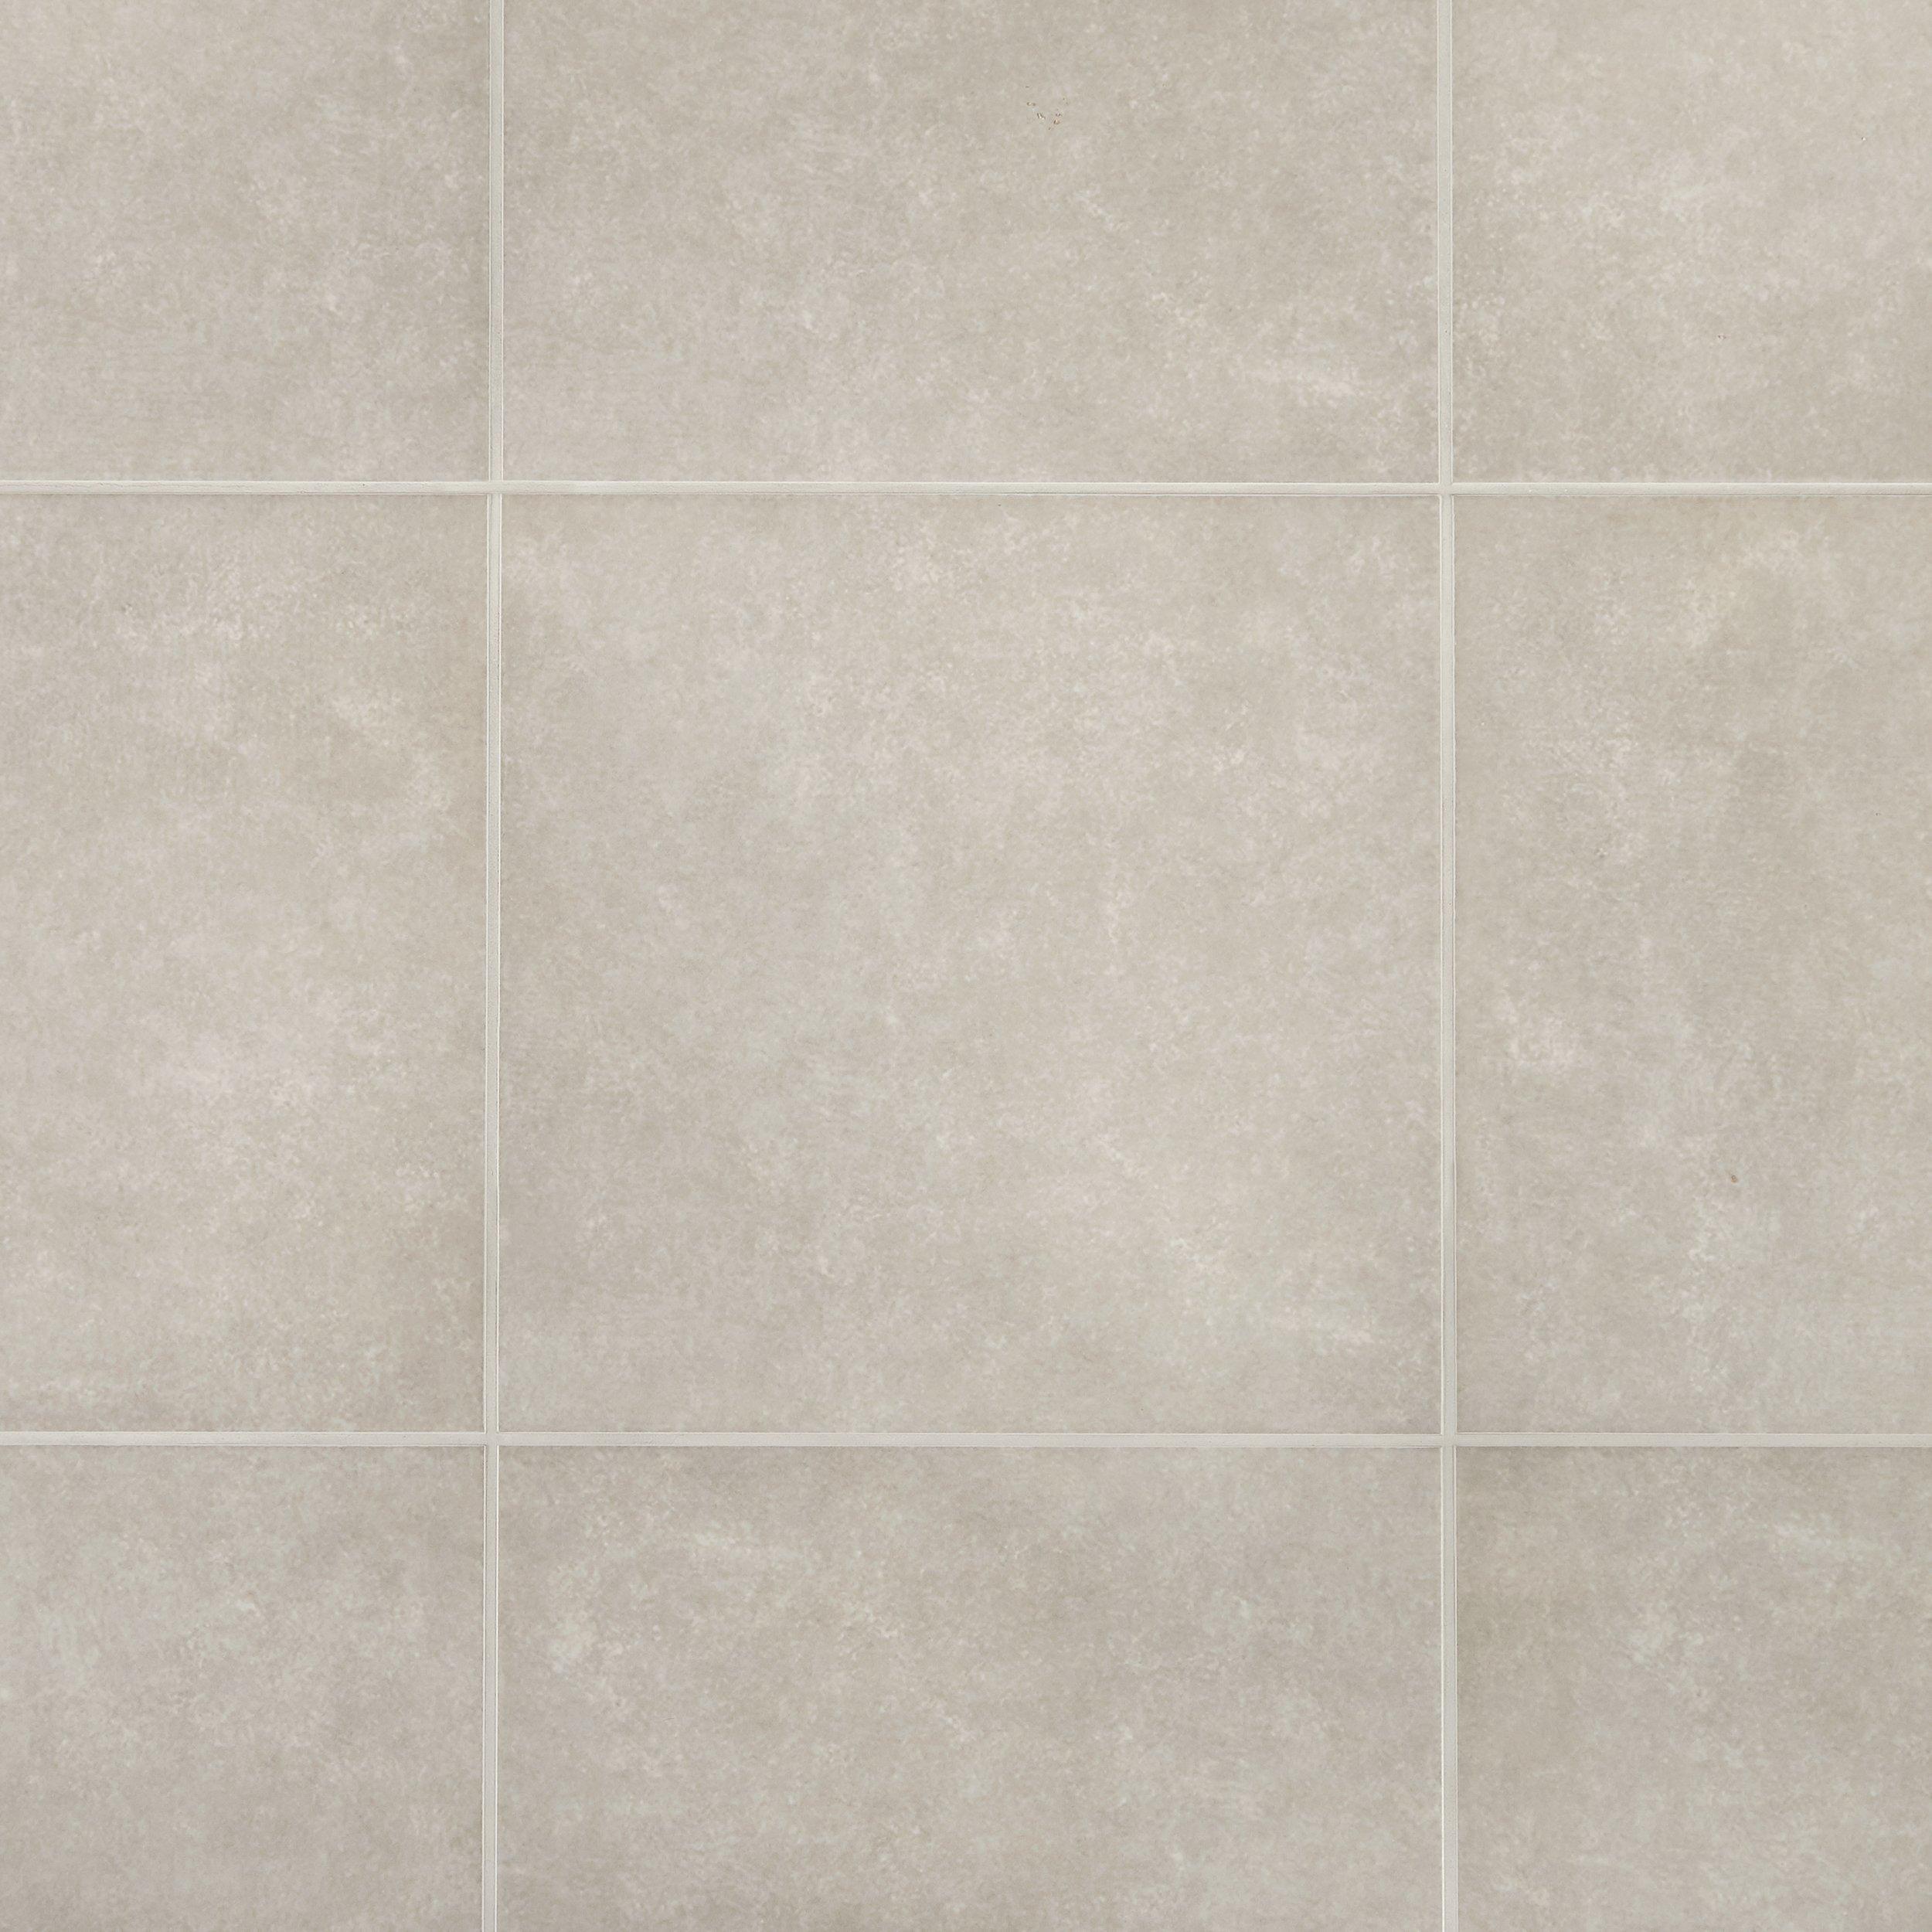 Ceramic Tile - Tile Flooring | Floor & Decor